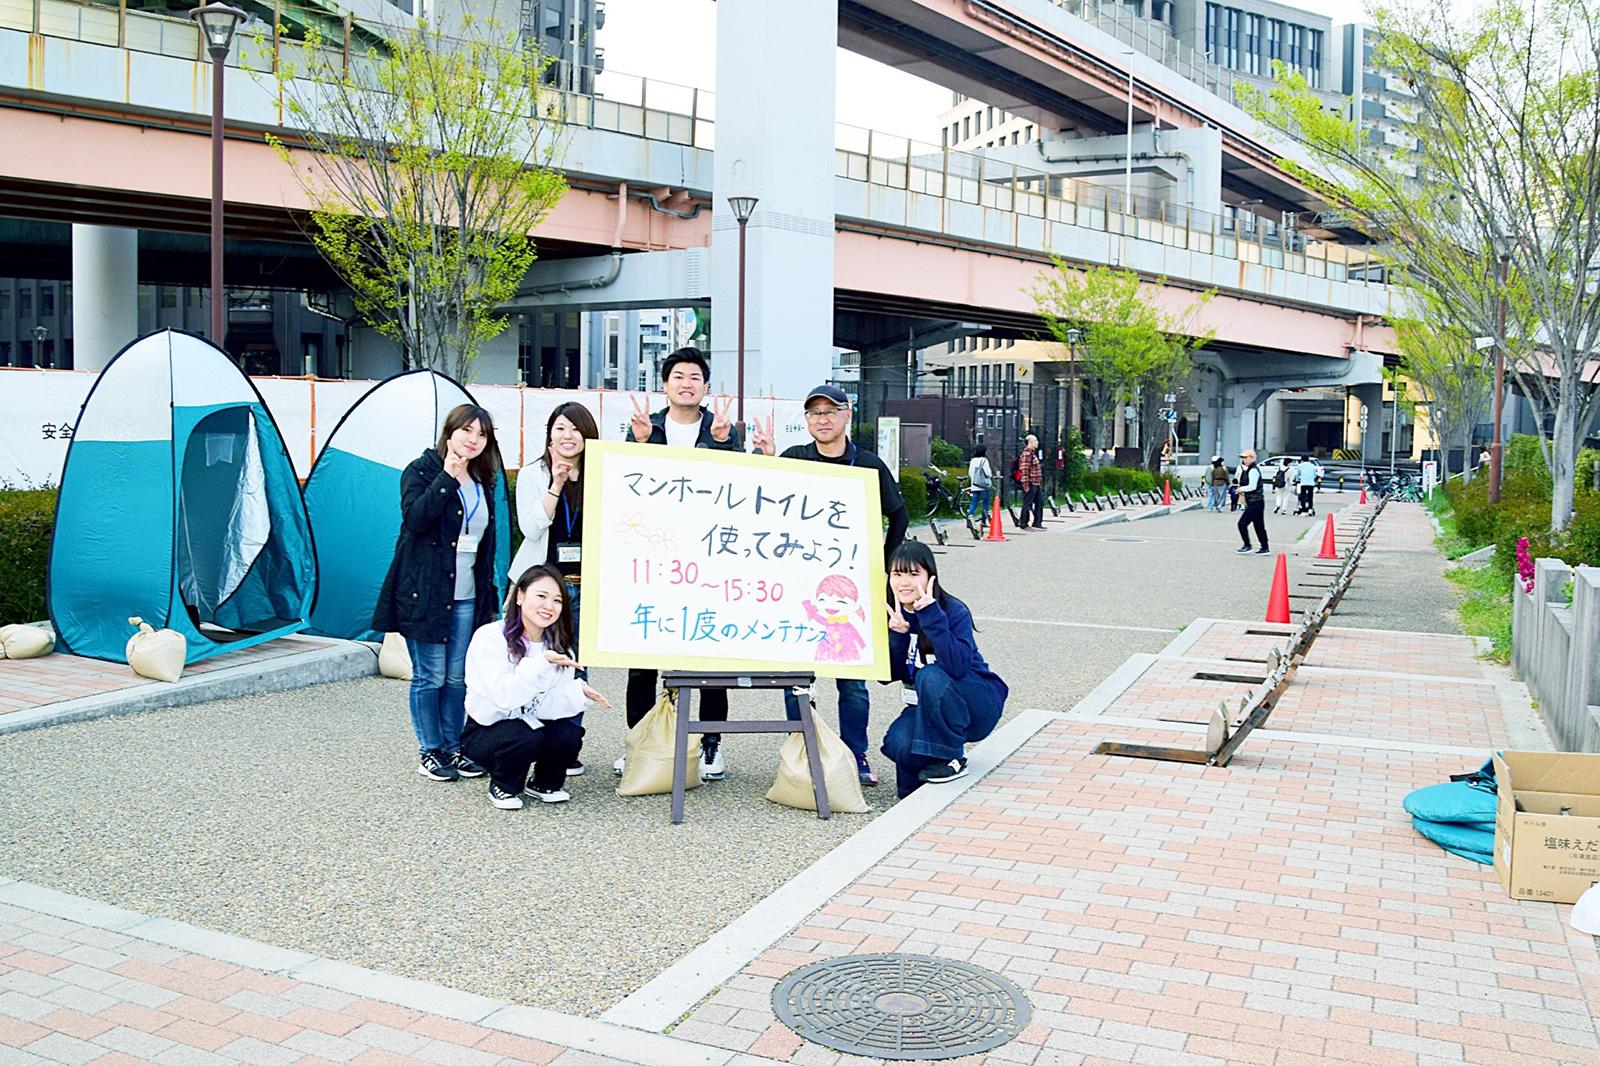 音楽フェスの実行委員は大学生たちが中心。被災体験がなくても社会活動に意欲的な姿を、大震災の風化を恐れる世代の人々へ伝える架け橋になりたいと石田さんは語る。